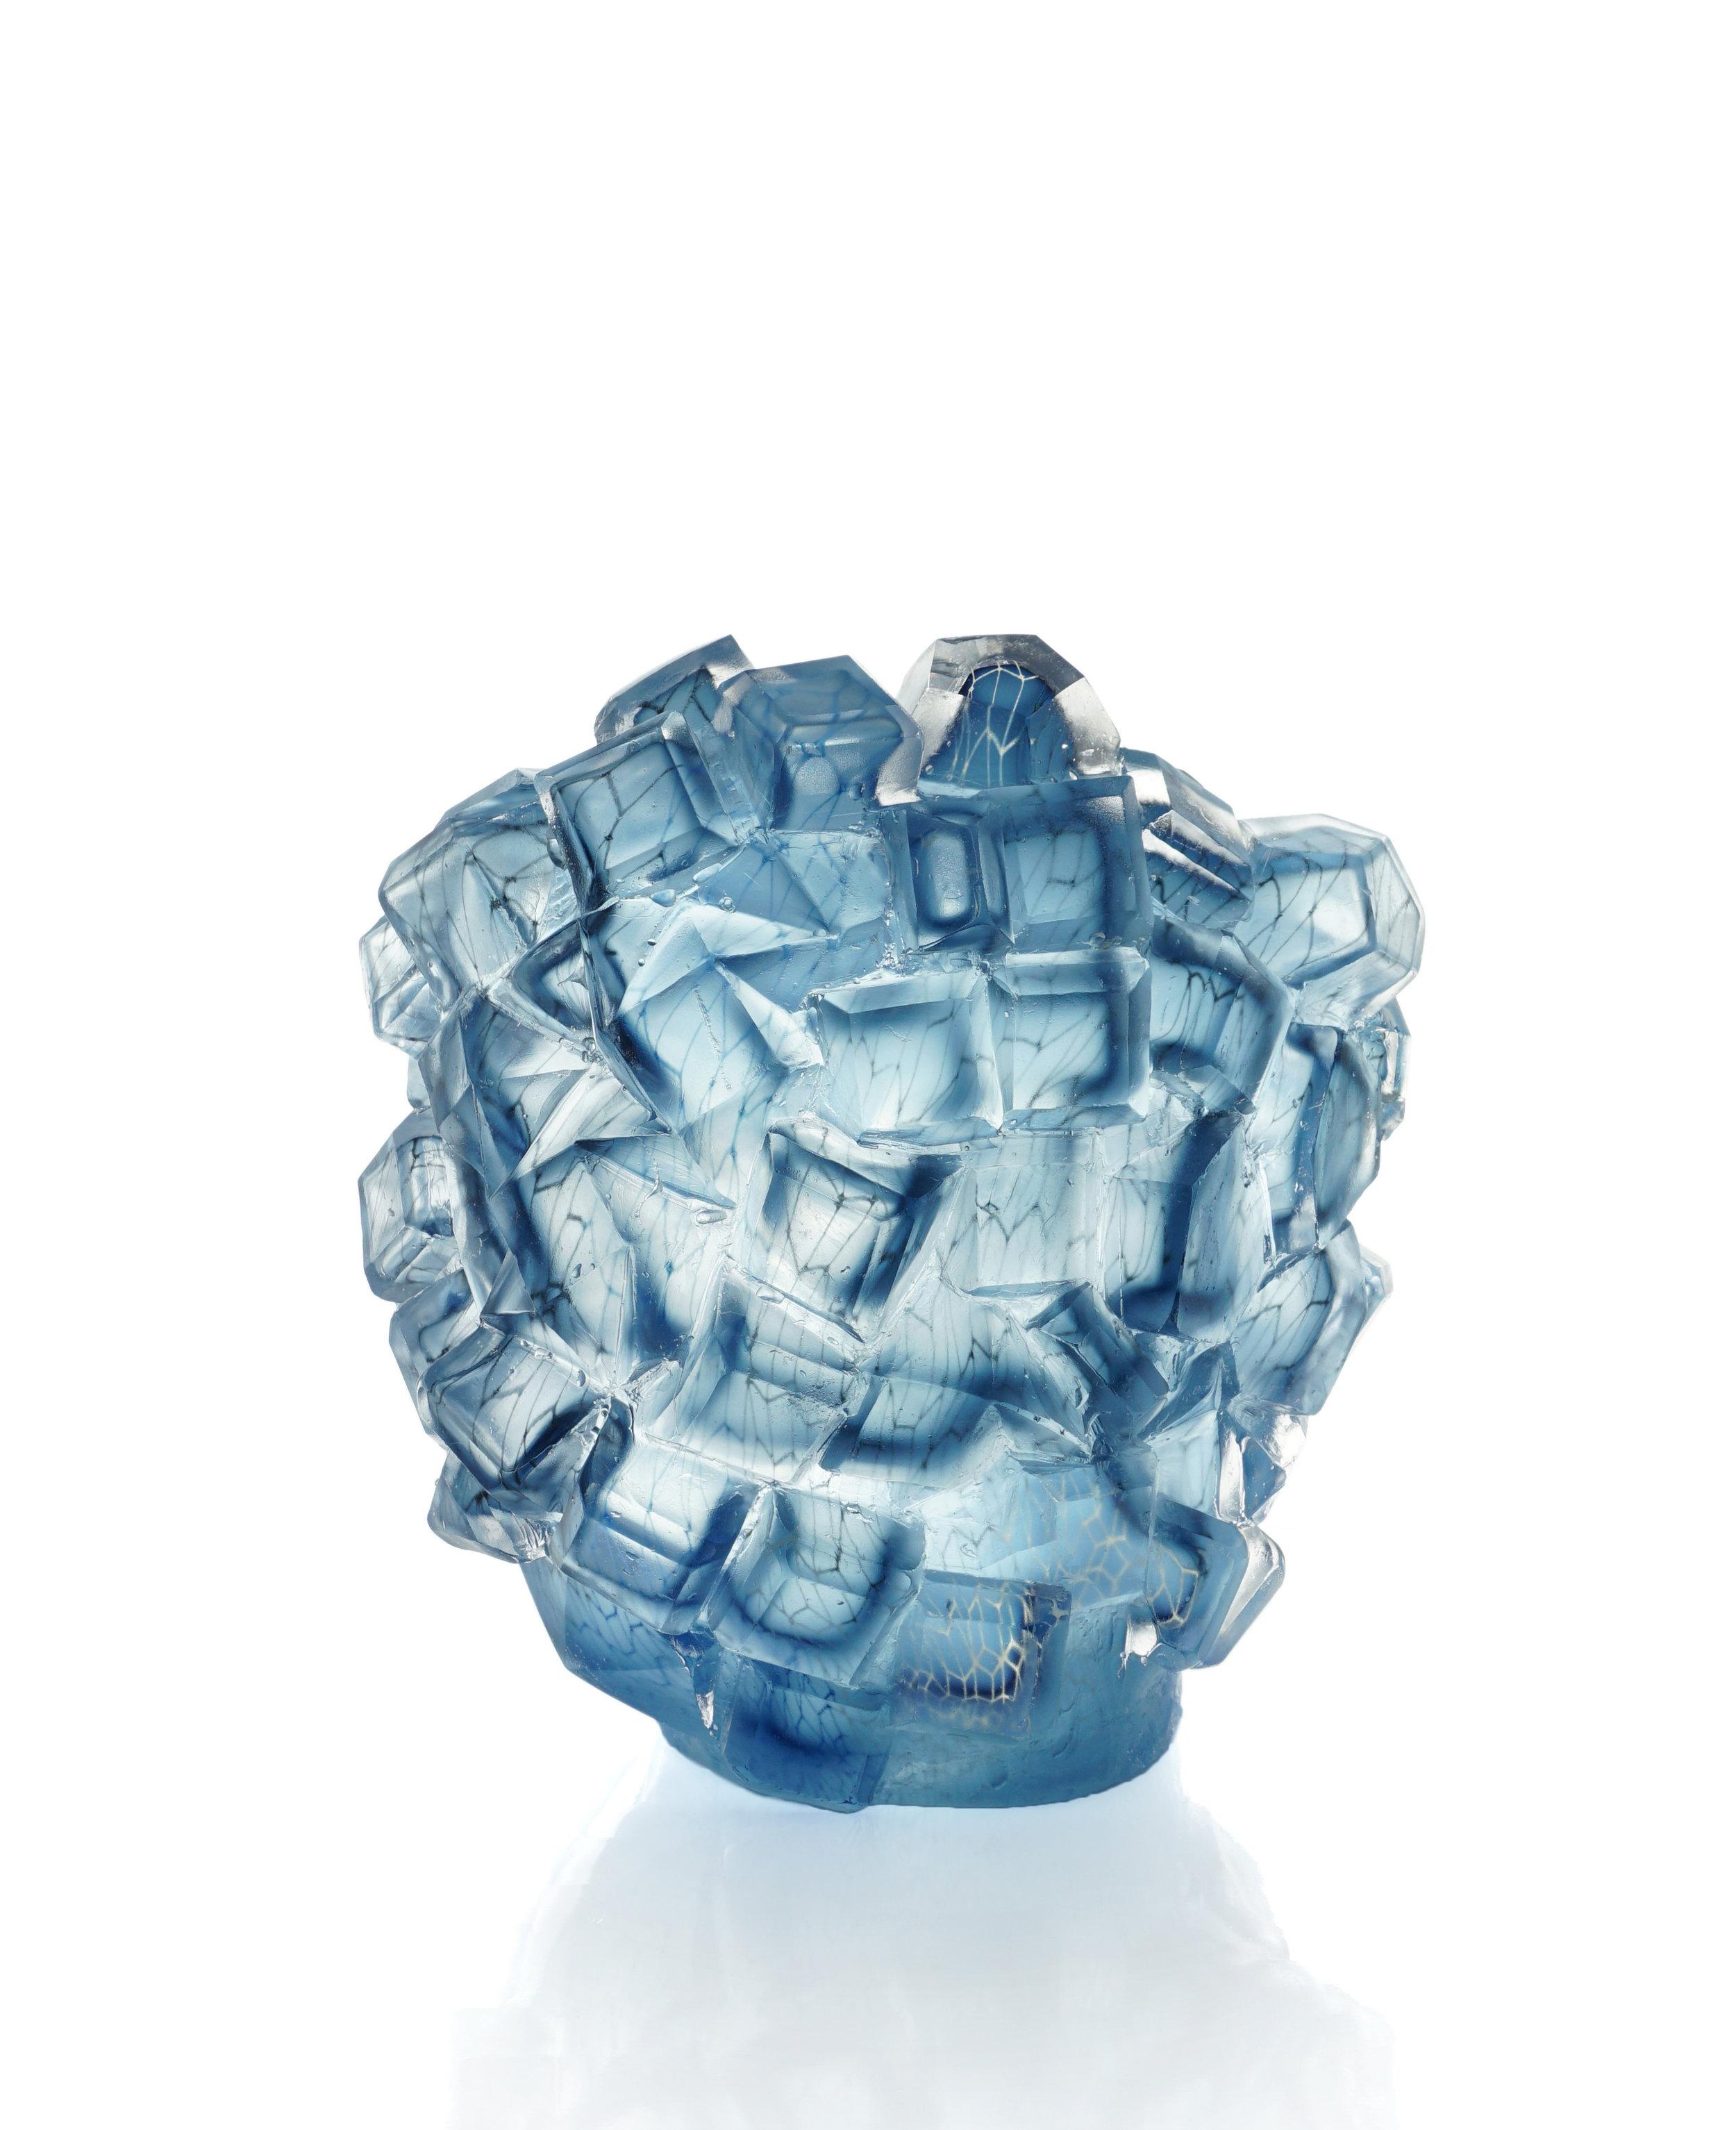 Meerblau1.jpg